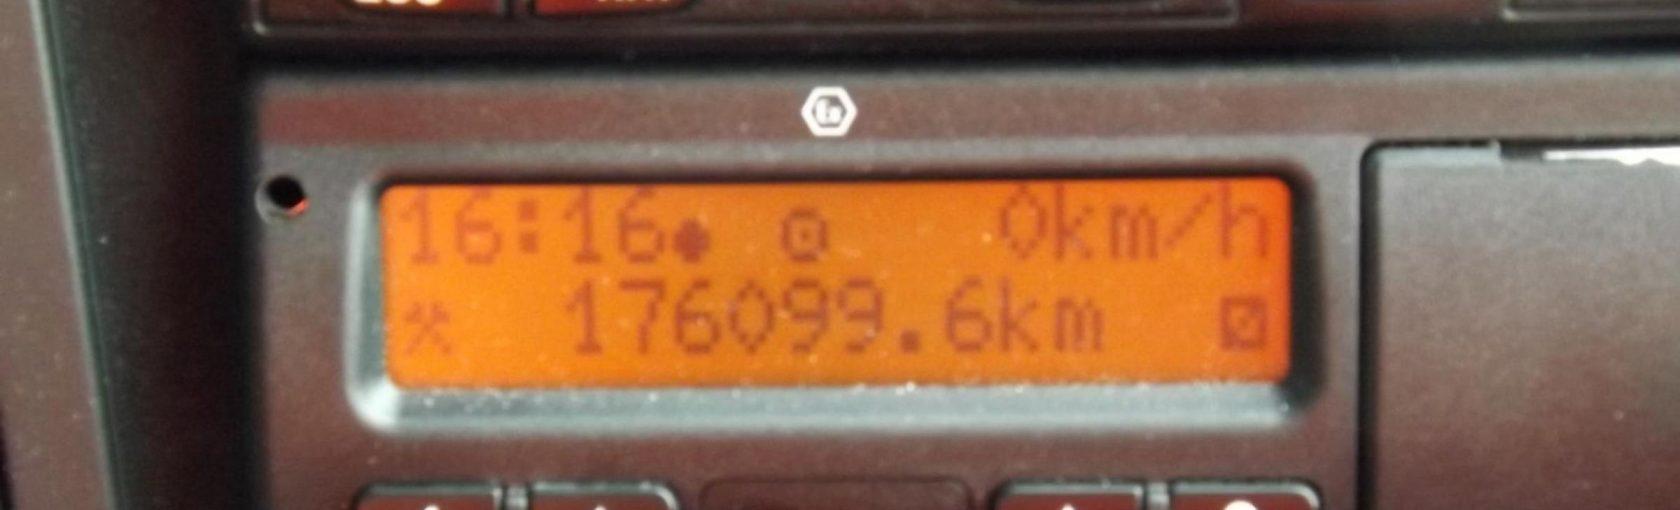 dscf0833